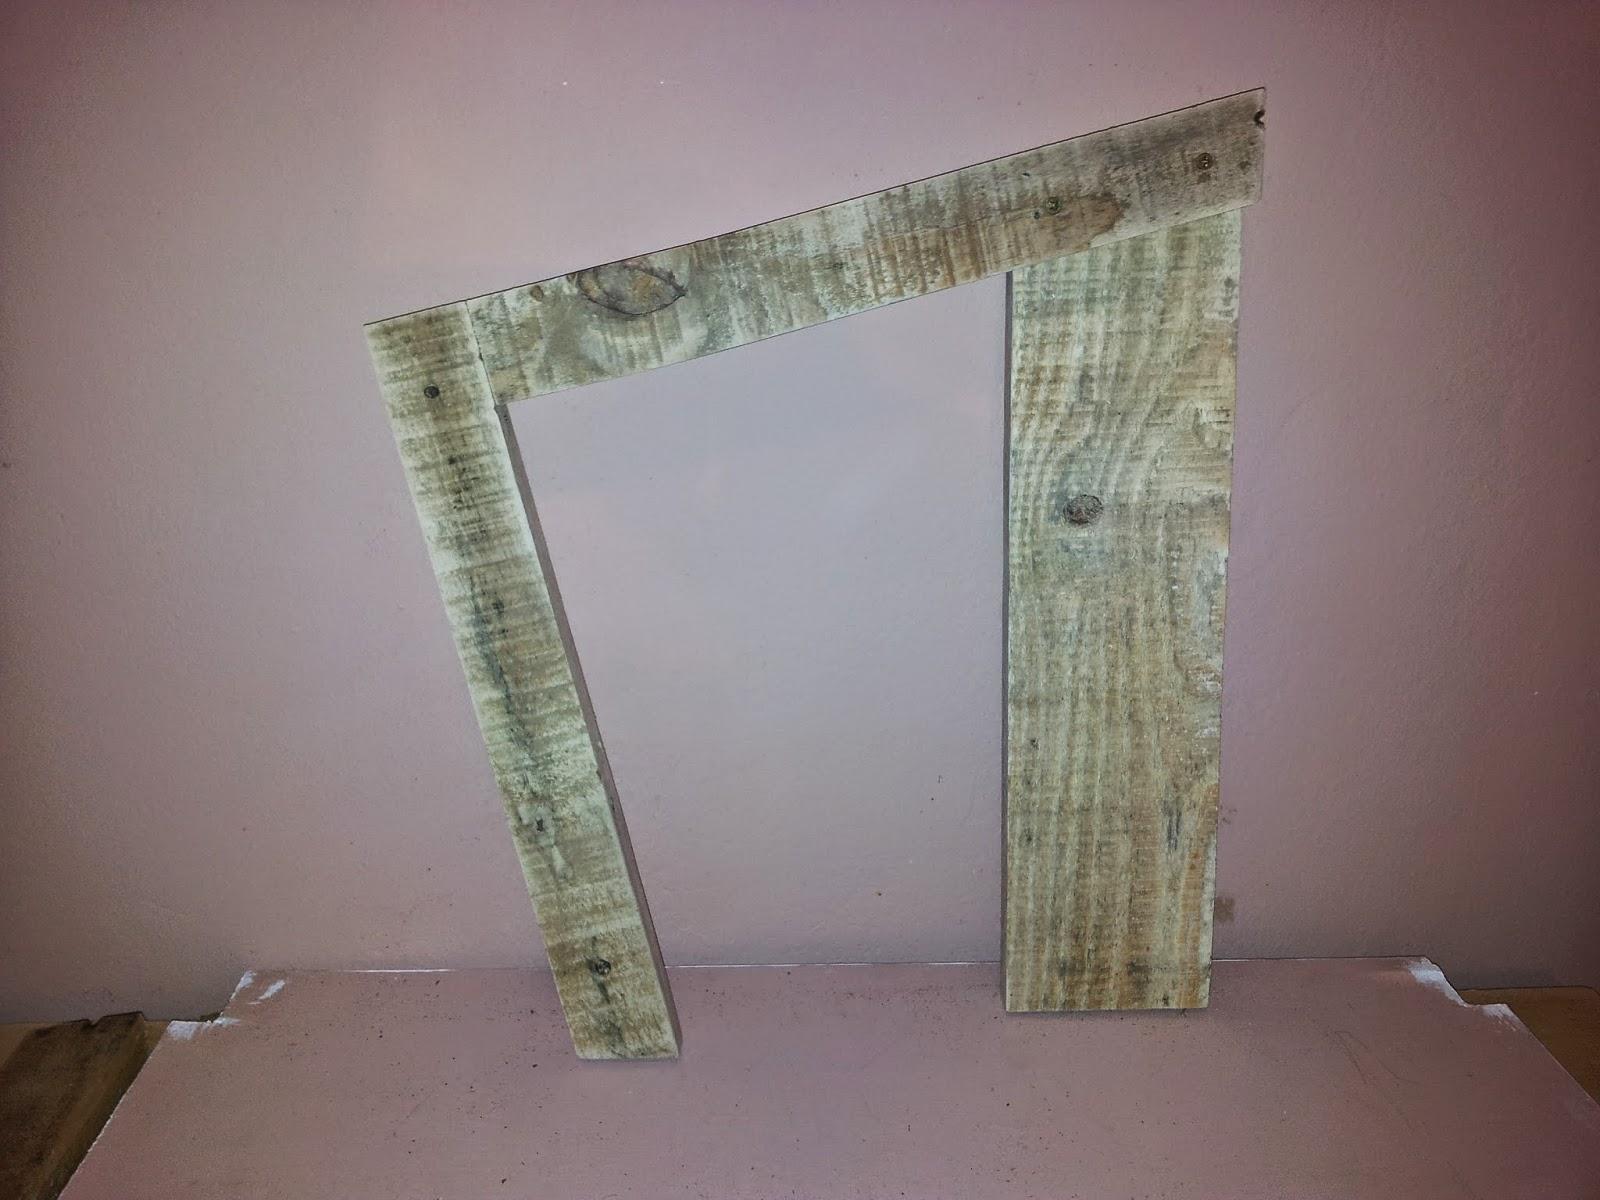 Oficina do Quintal: Como fazer banco de madeira com encosto #433228 1600x1200